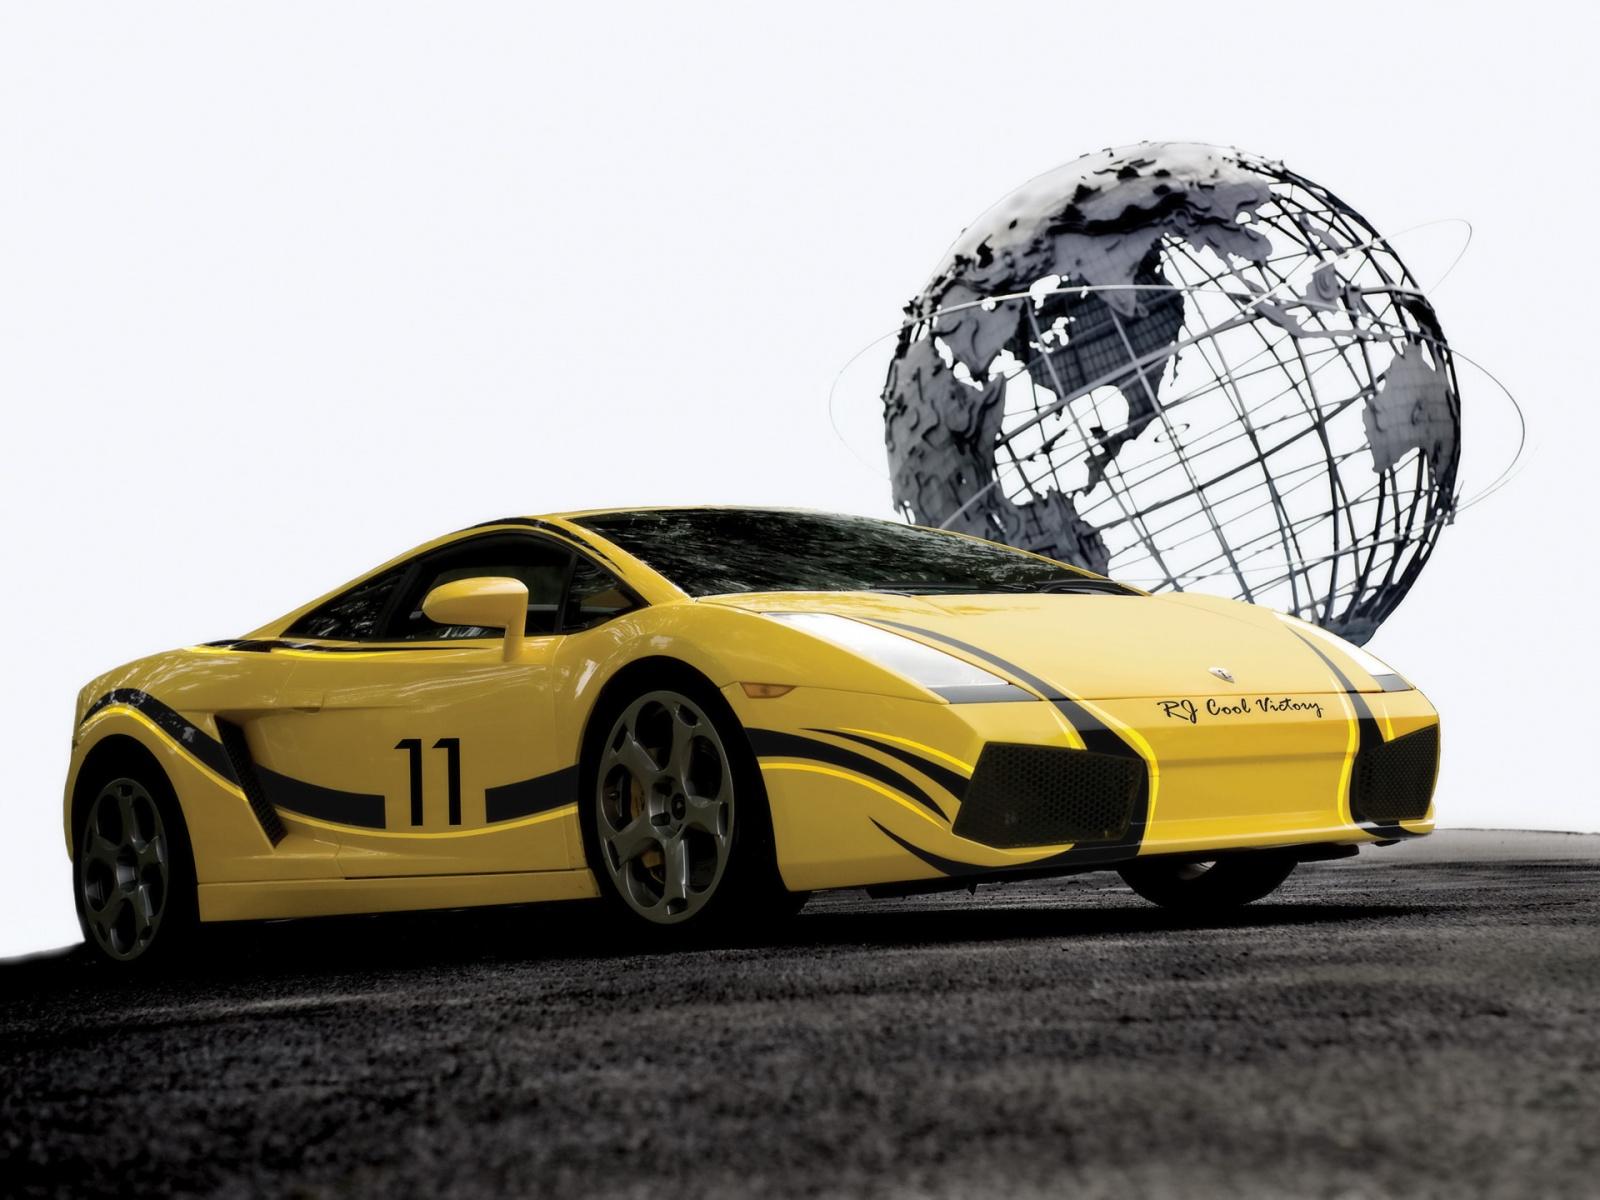 http://4.bp.blogspot.com/-DVrO4x8DQ28/UDcyDYxwDxI/AAAAAAAAAOw/uWSyqWJyJYM/s1600/2009_cool_victory_lamborghini_gallardo-1600x1200.jpg